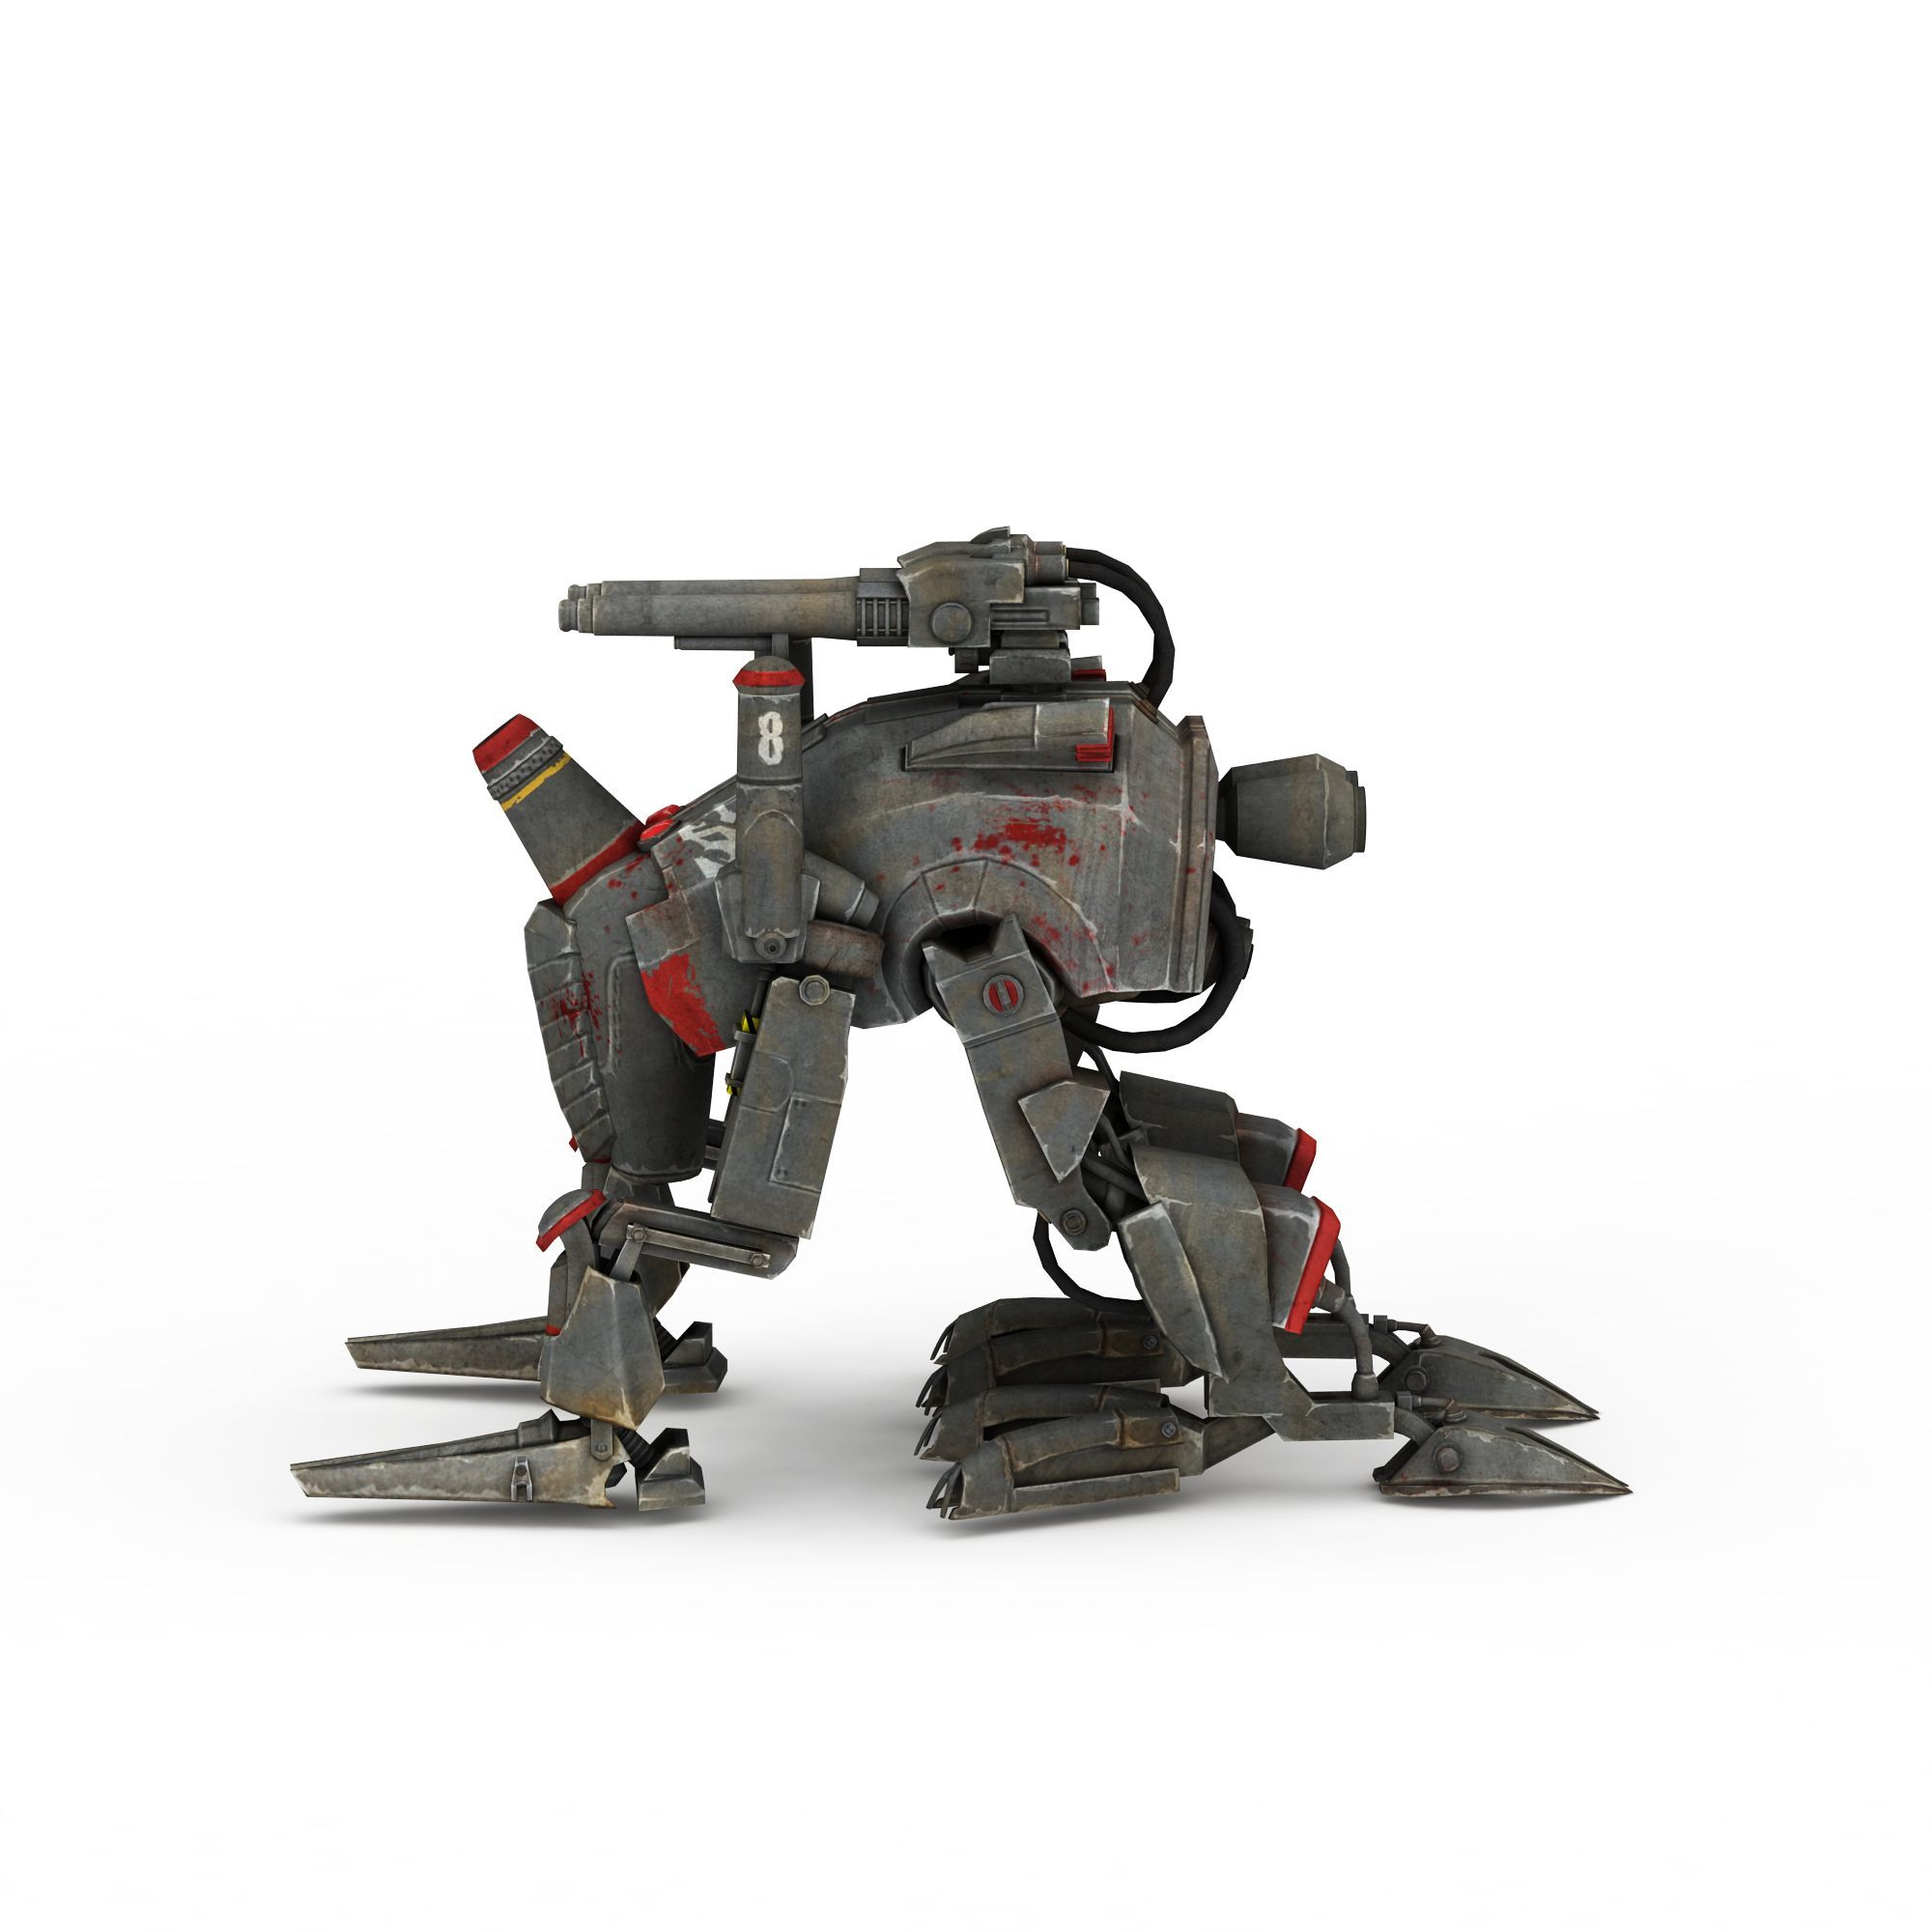 机器人图片_机器人png图片素材_机器人png高清图下载